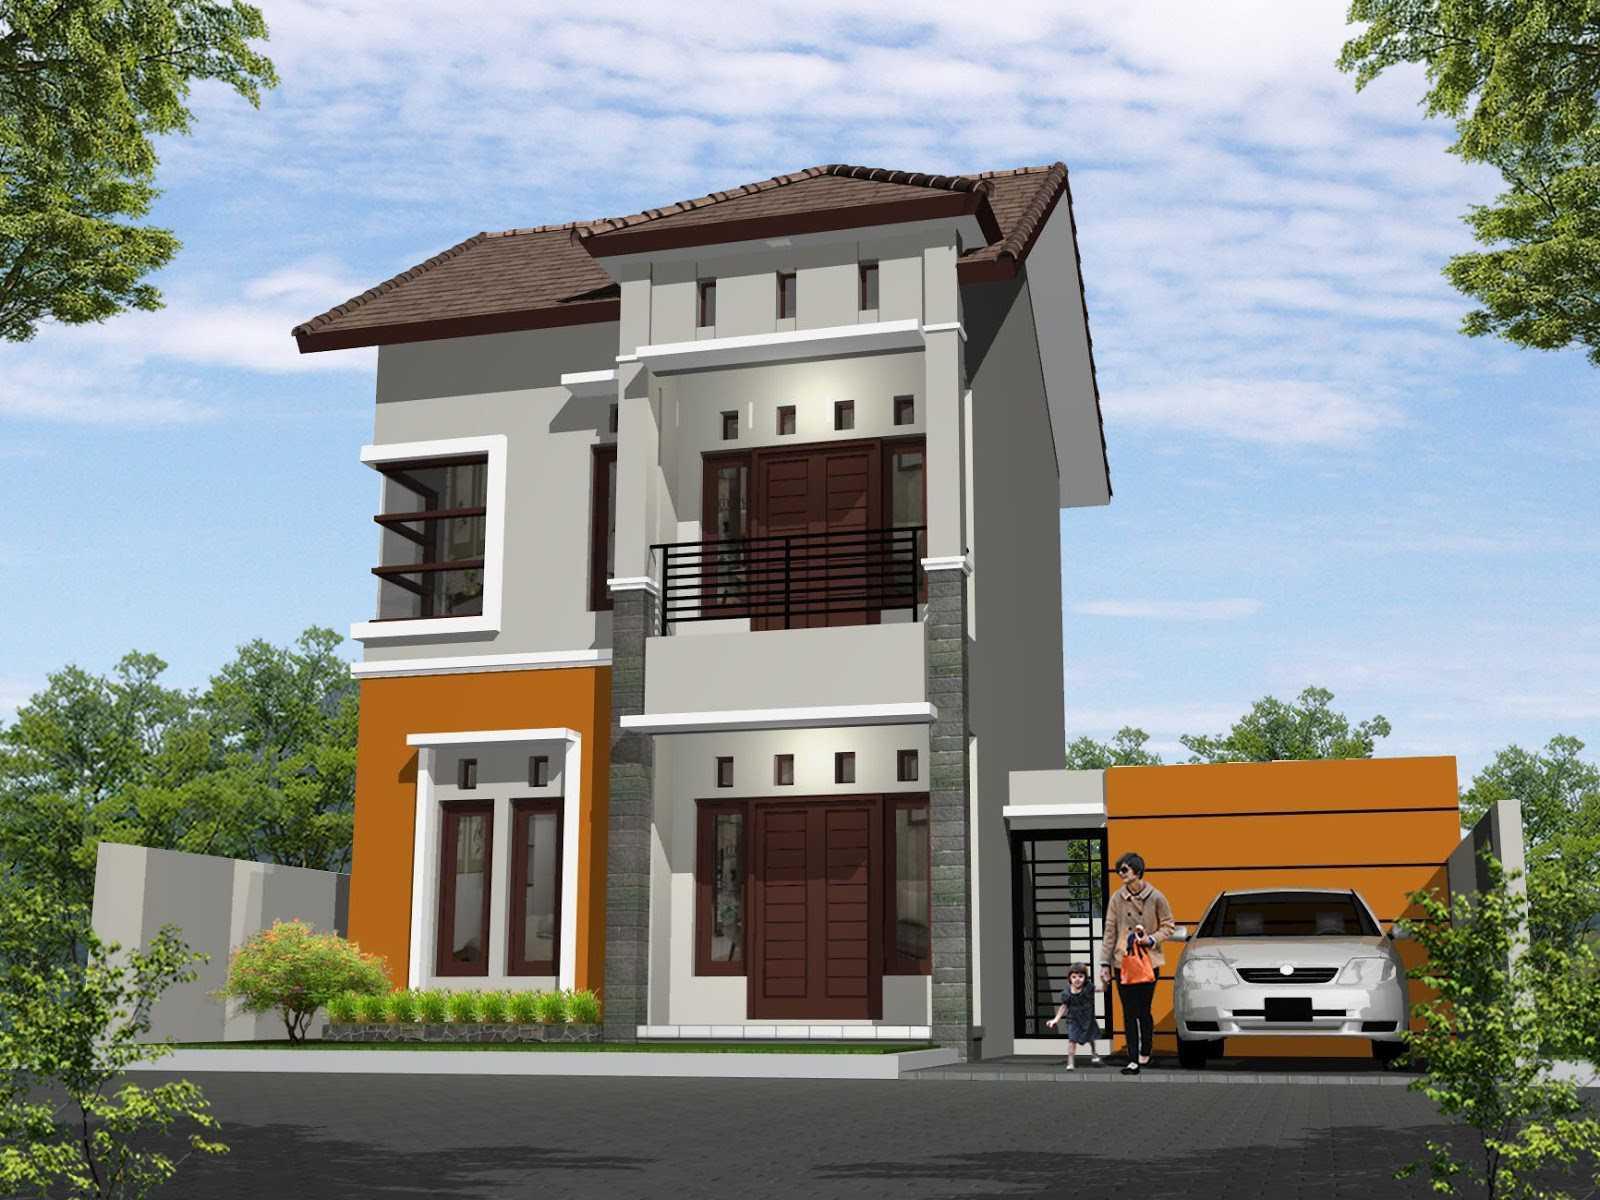 Desain Rumah 2 Lantai Sederhana dengan Garasi Mobil Sederhana dengan Warna Abu Abu